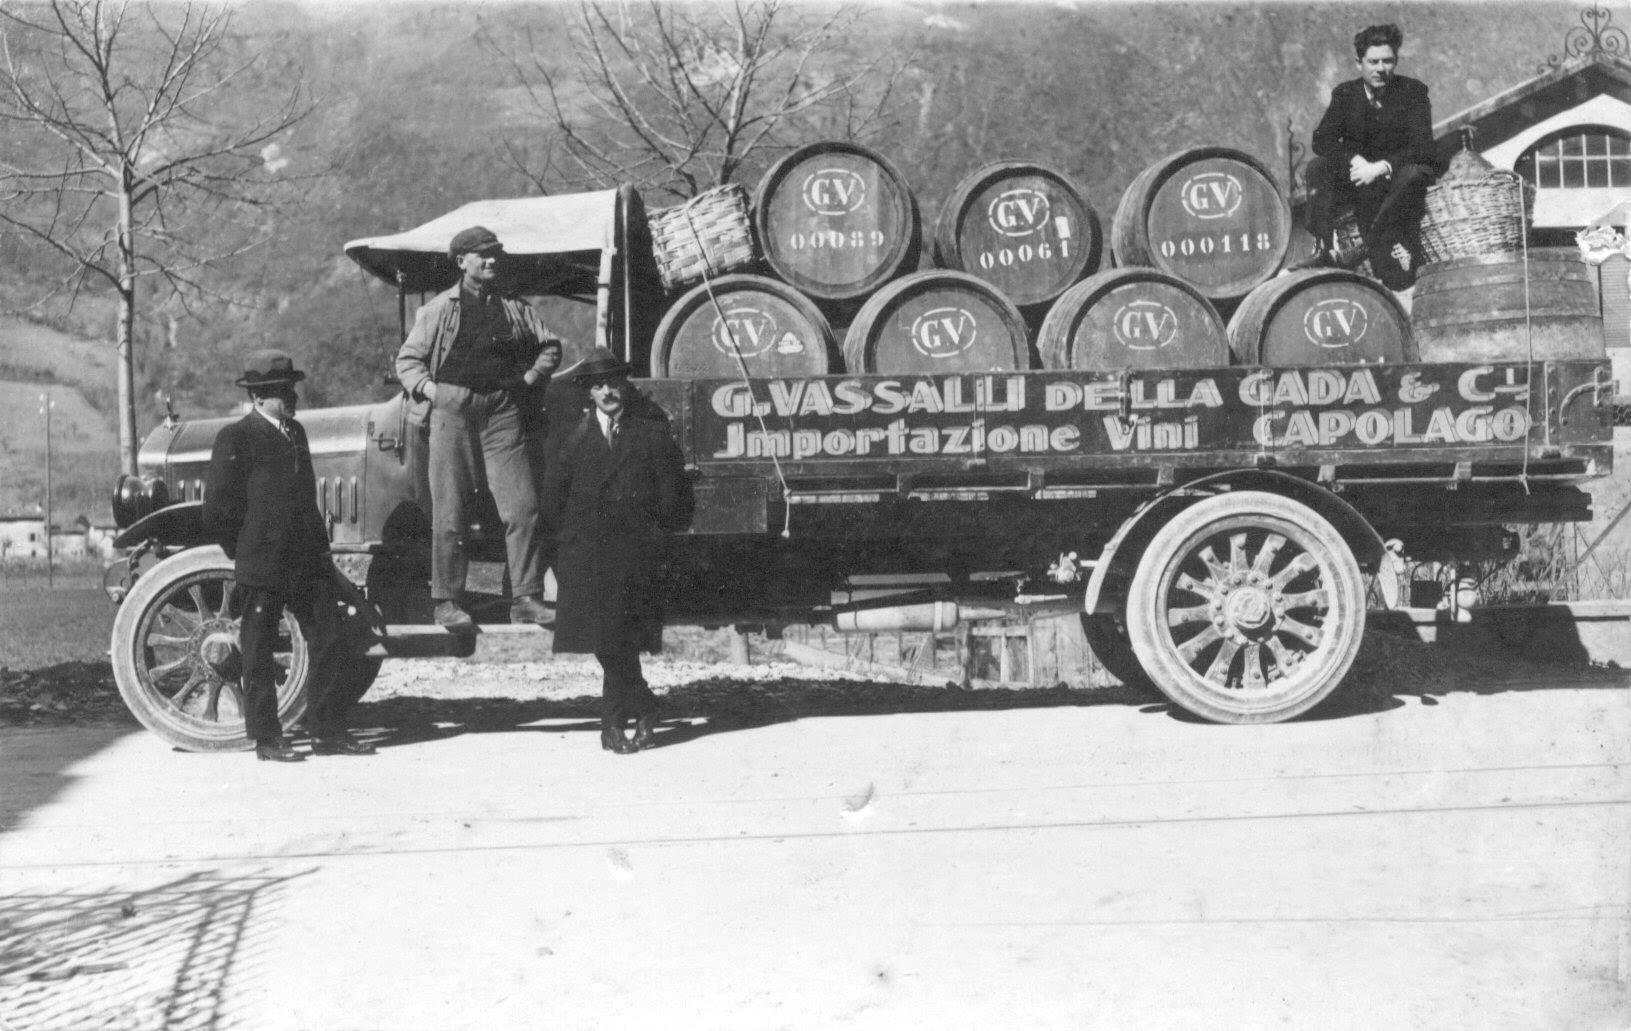 Truck-vrachtwagen-van-het-bedrijf-g--Vassalli-della-gada-1920-zwitserland